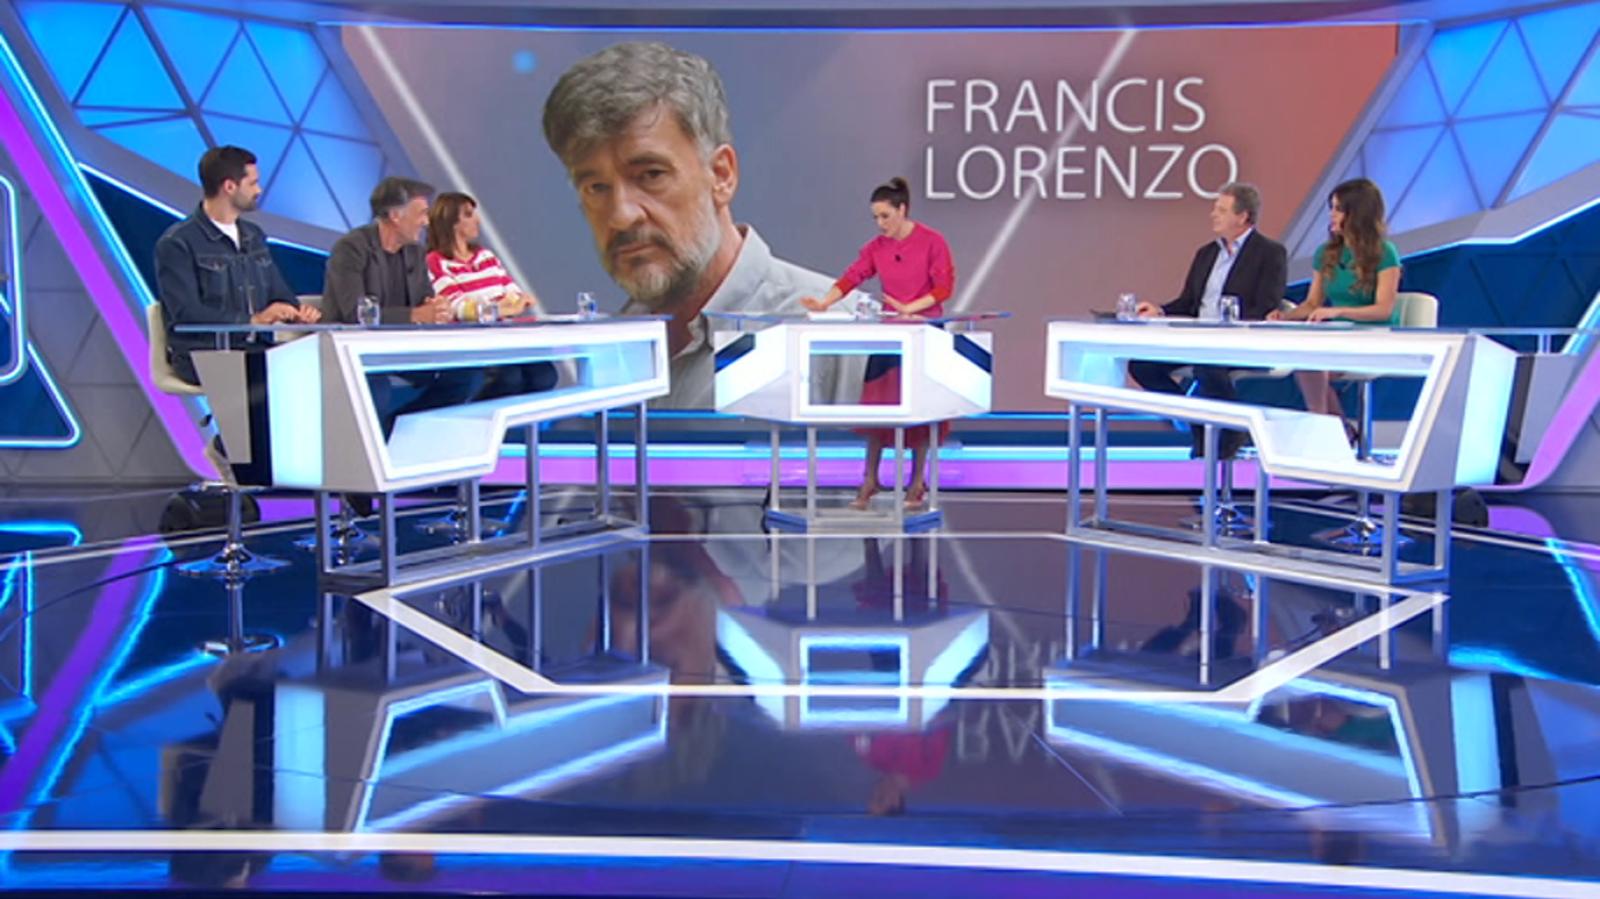 Lo siguiente - Francis Lorenzo - 20/03/19 - ver ahora